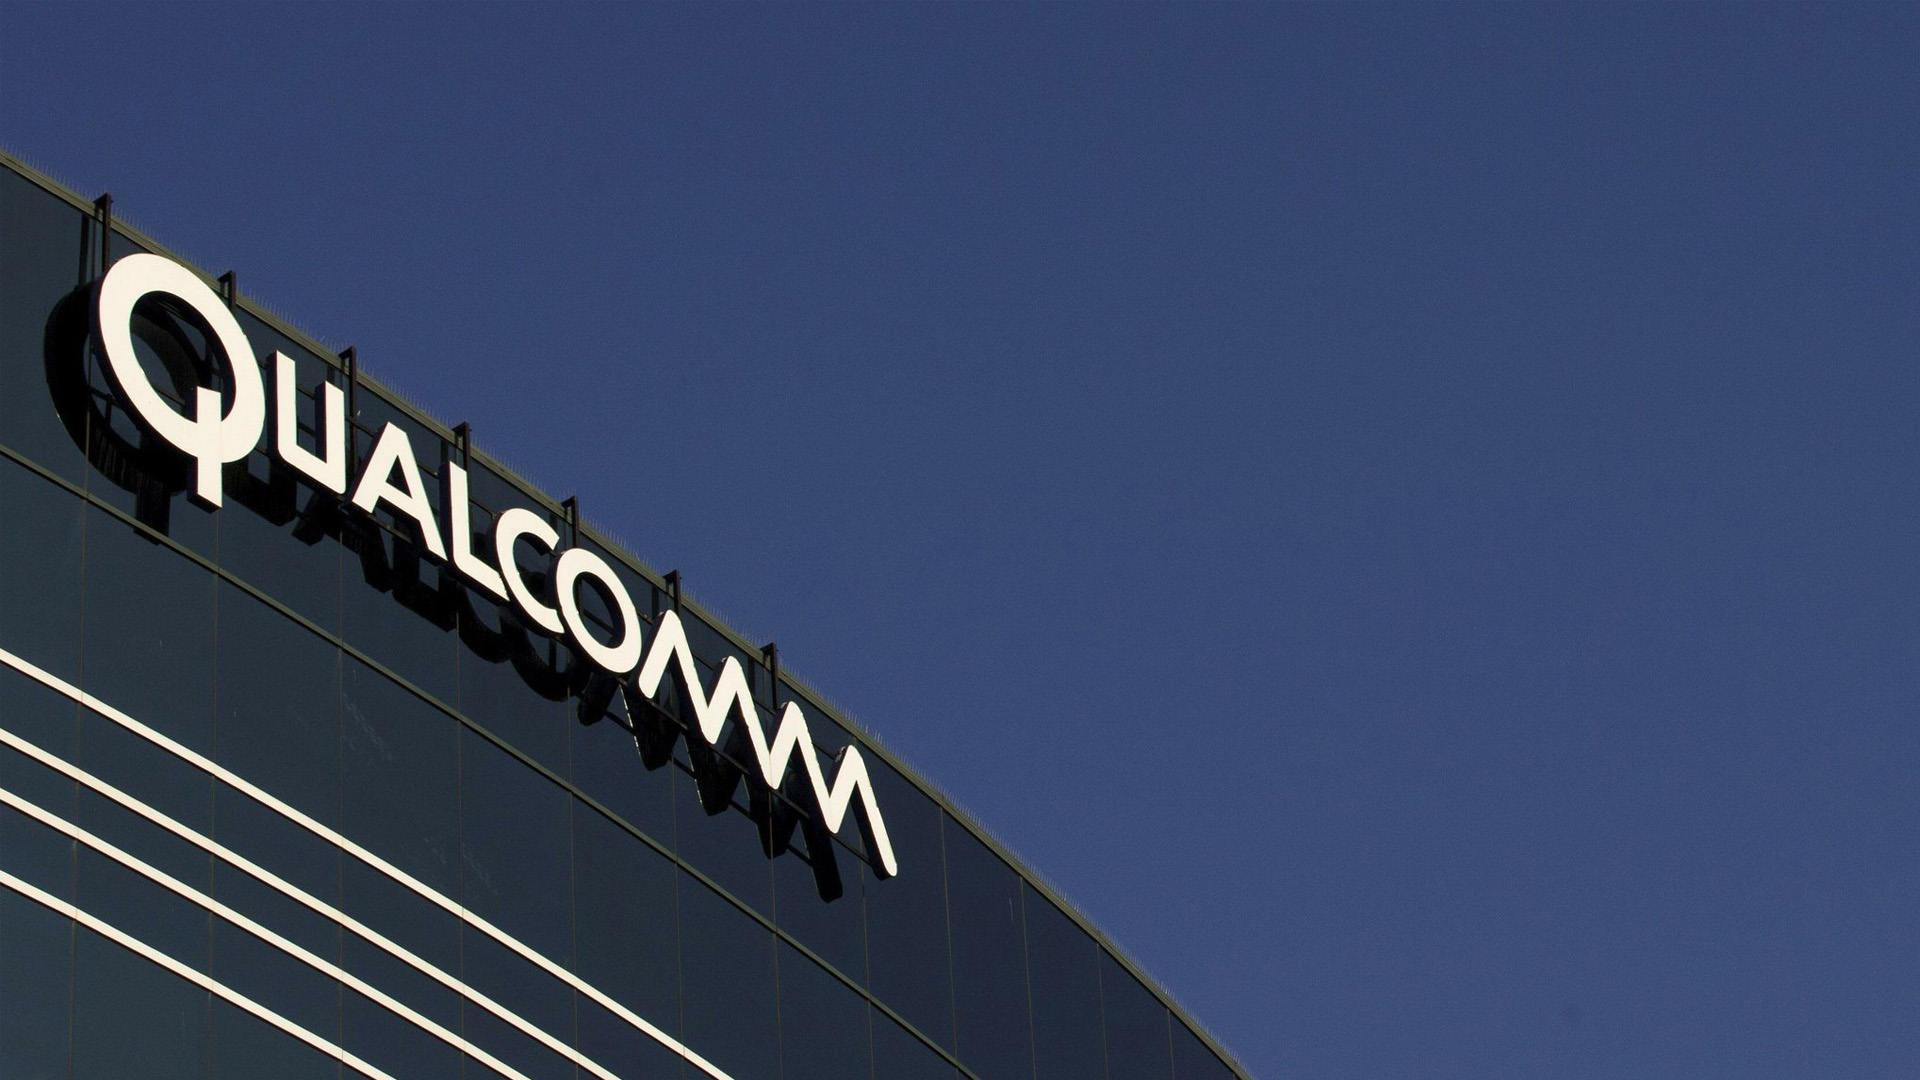 La empresa quiere ser indispensable para cualquier compañía que necesite dispositivos conectados a la red